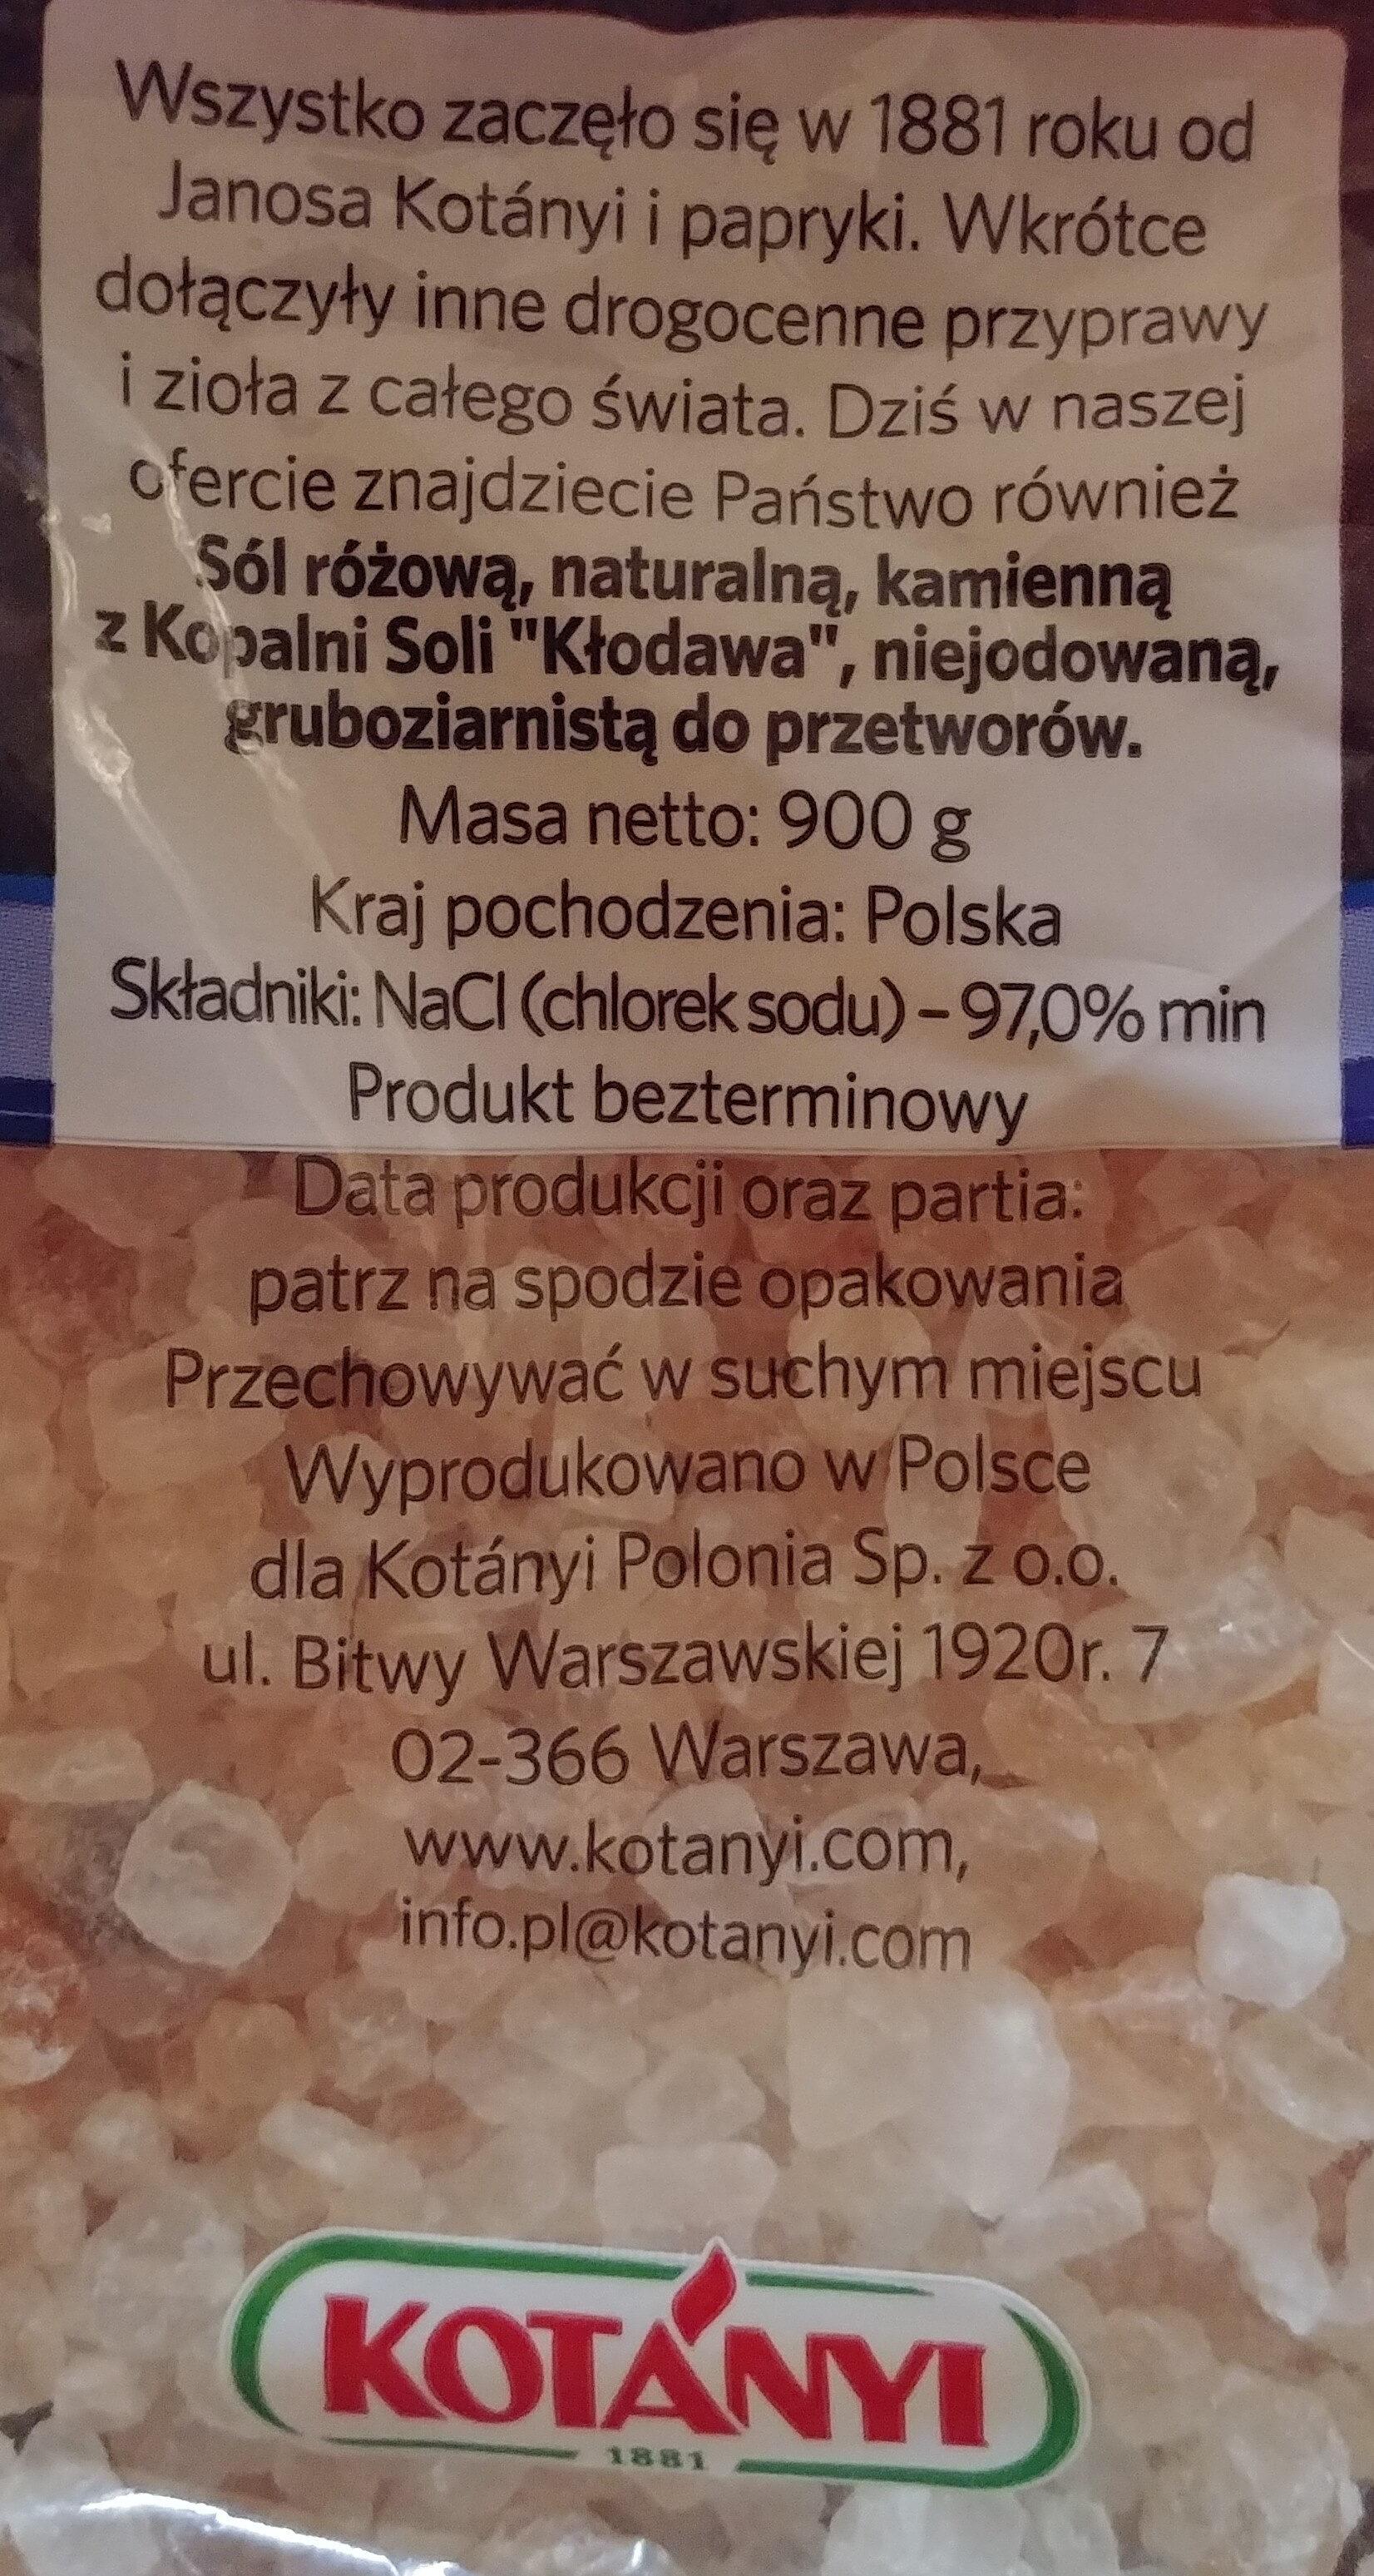 Sól różowa naturalna kamienna z kopalni Soli ';Kłodawa'; gruboziarnista. - Składniki